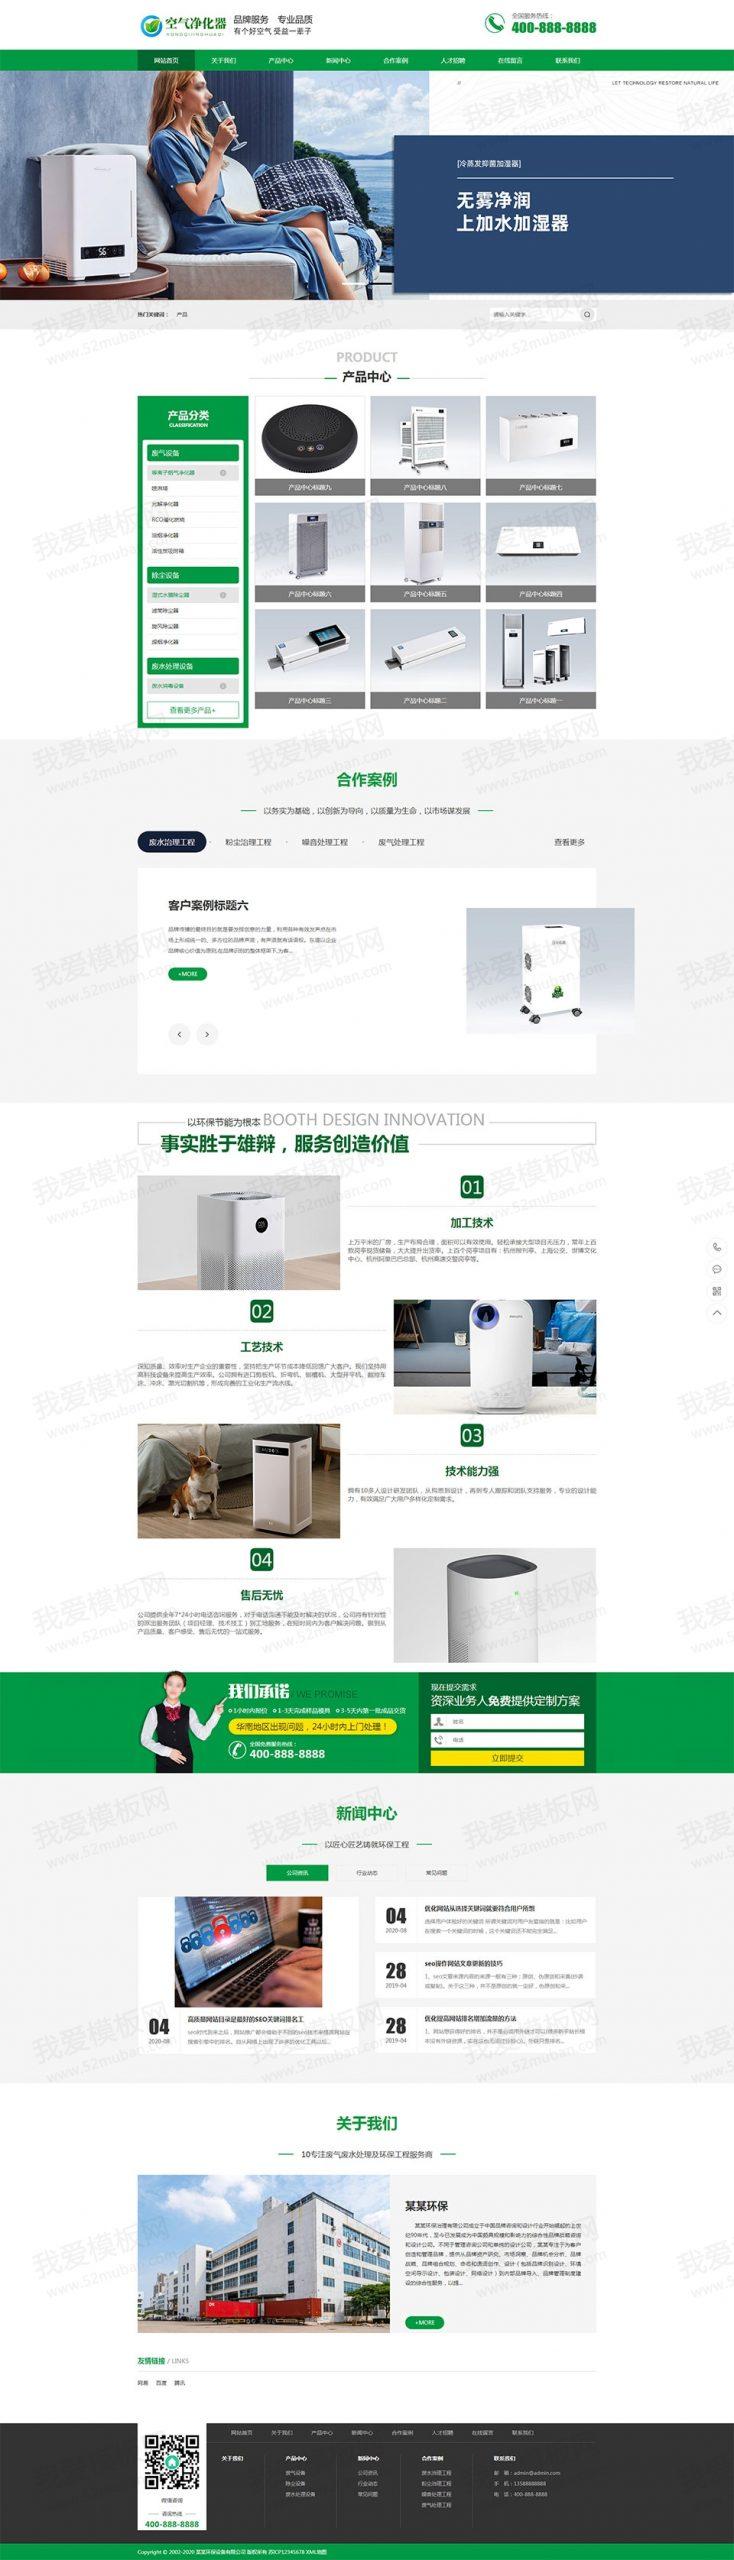 绿色节能环保节能智能空气净化器类网站织梦模板下载